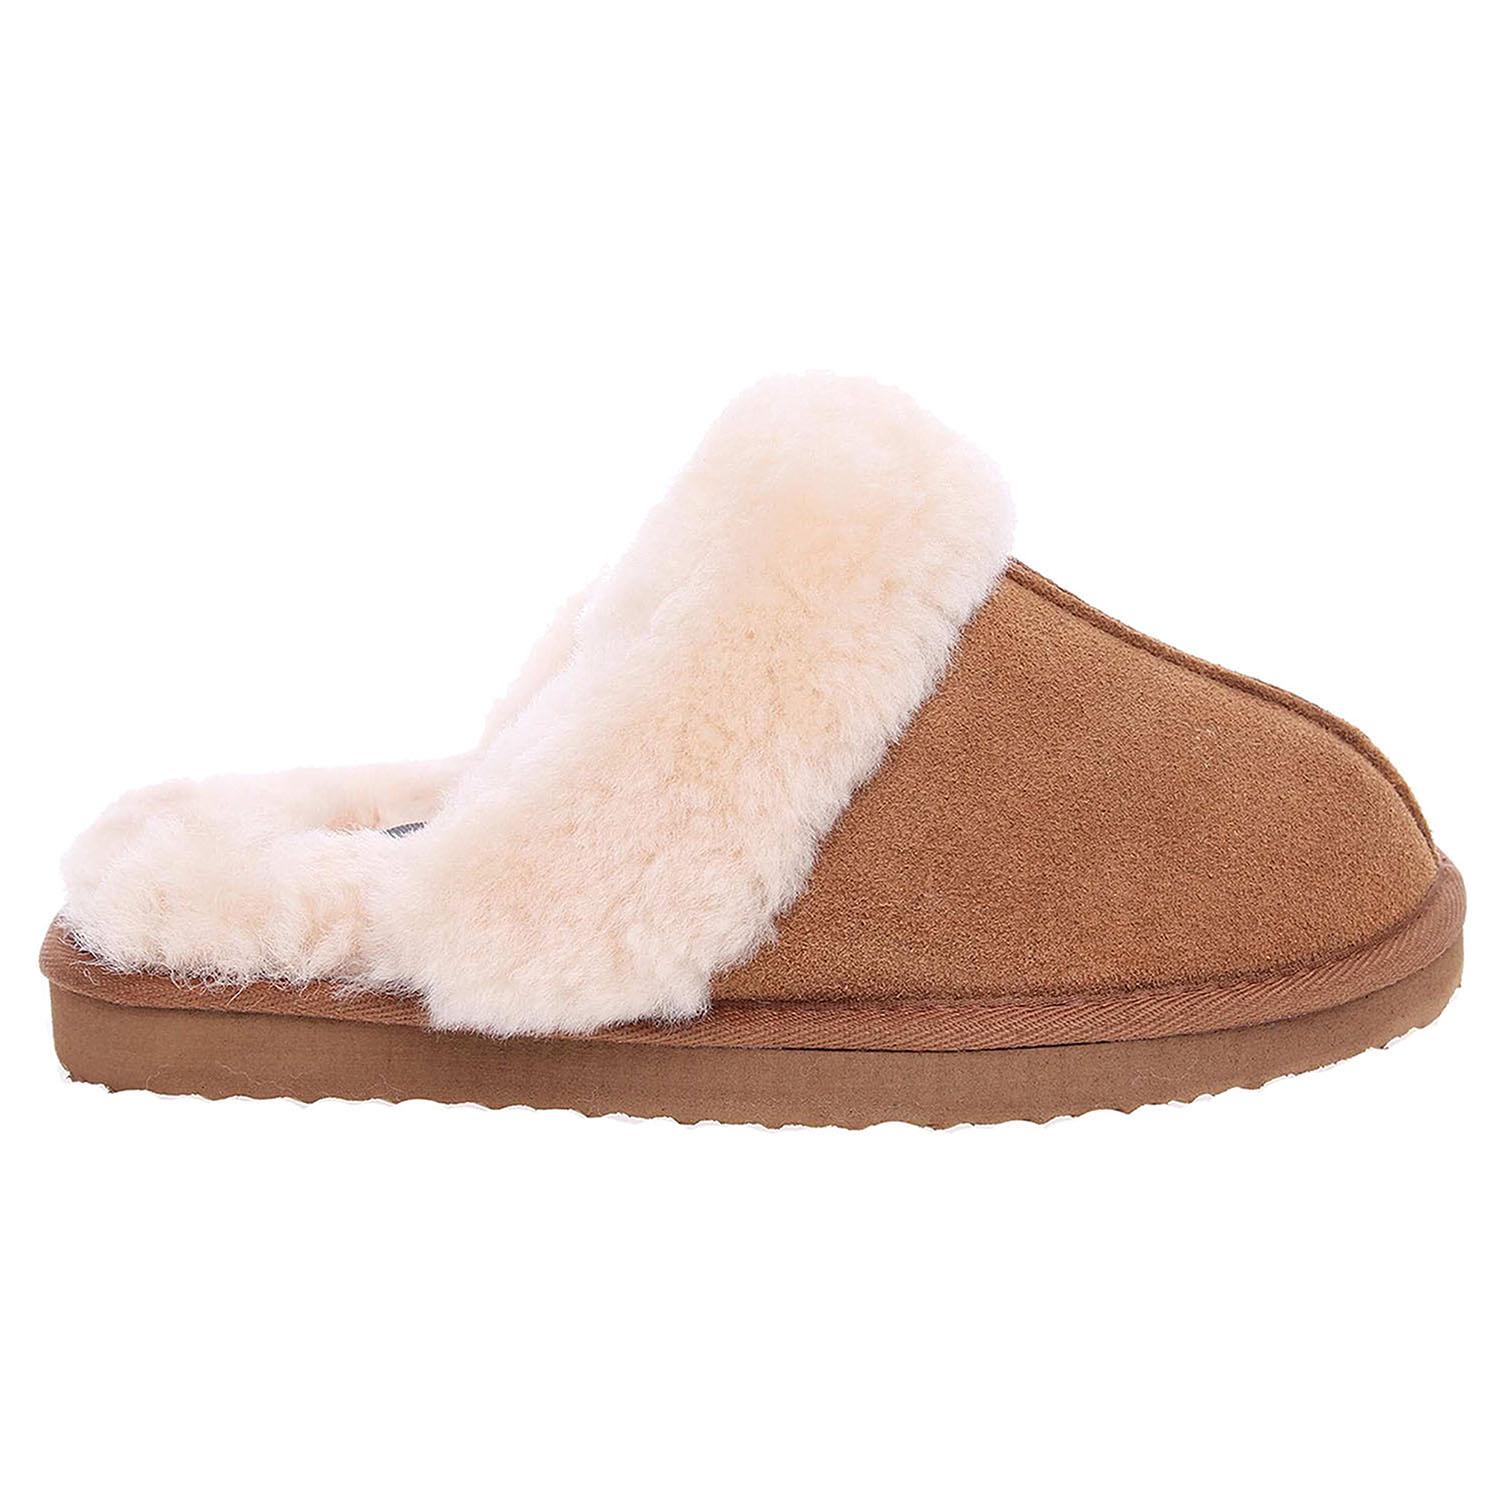 Ara domácí pantofle 29932-06 béžové 41